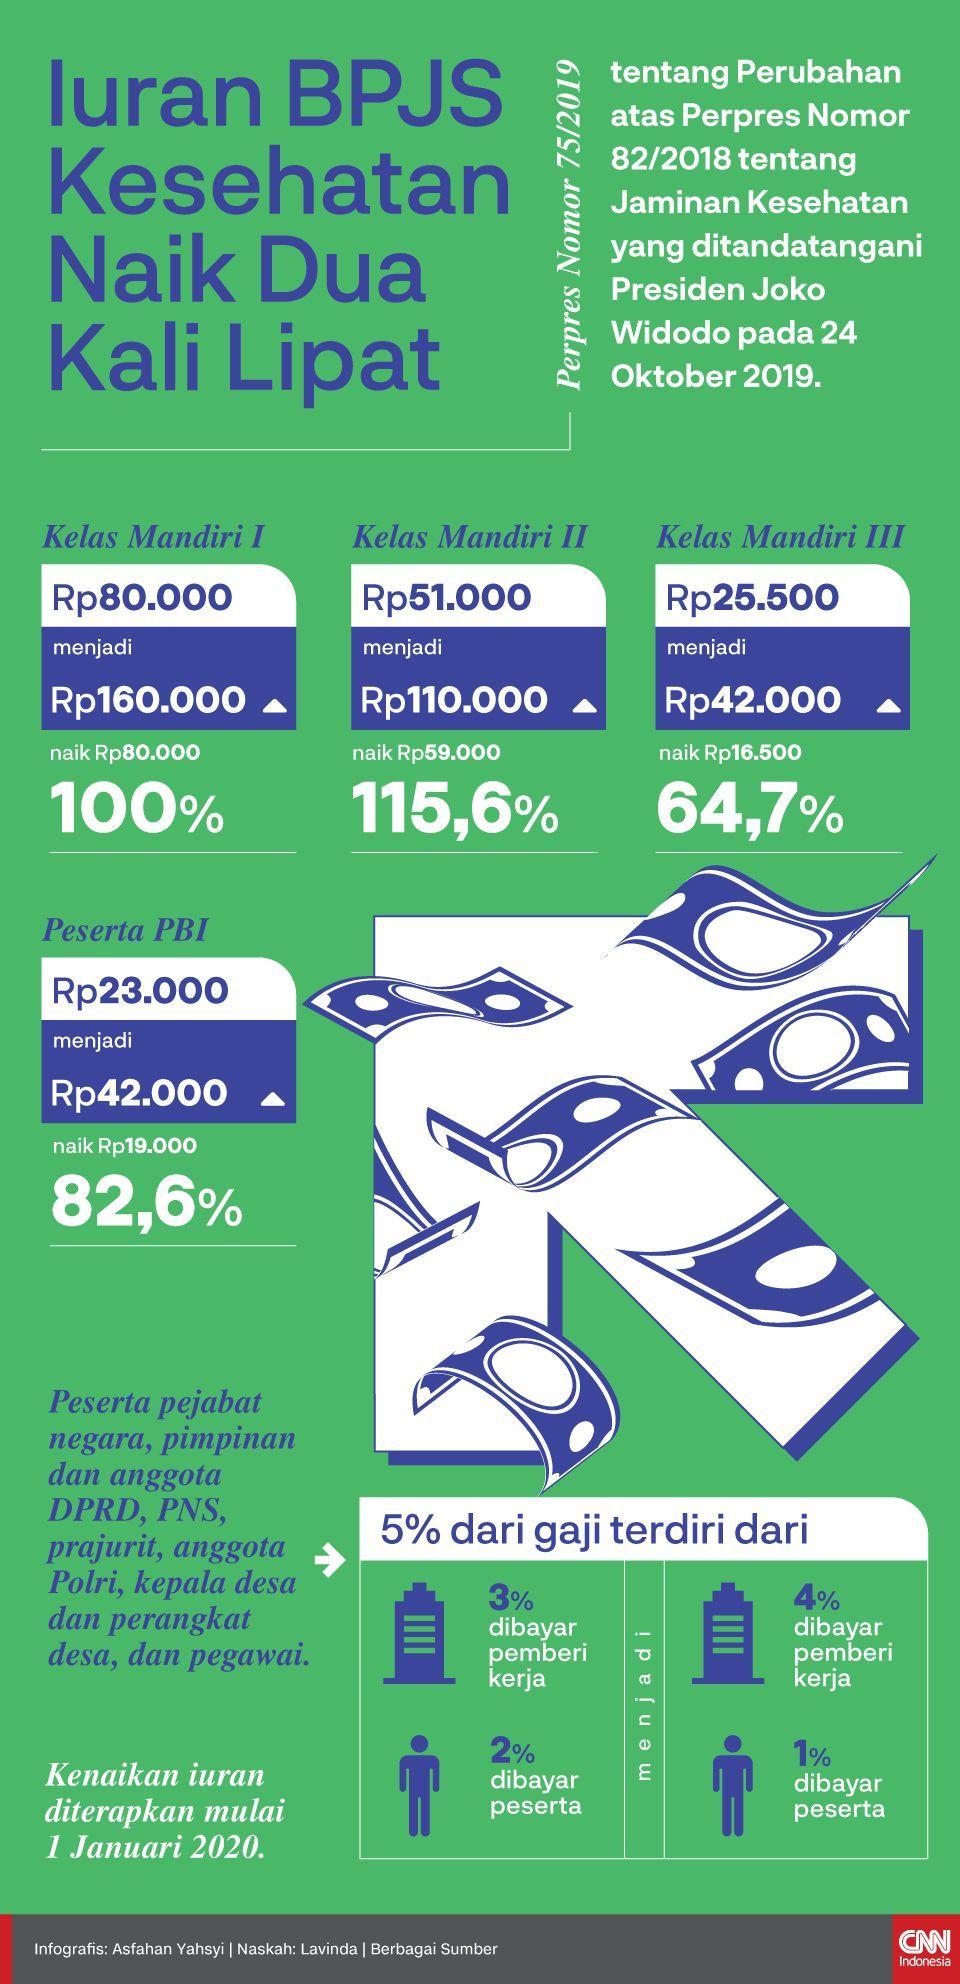 Infografis Iuran BPJS Kesehatan Naik Dua Kali Lipat